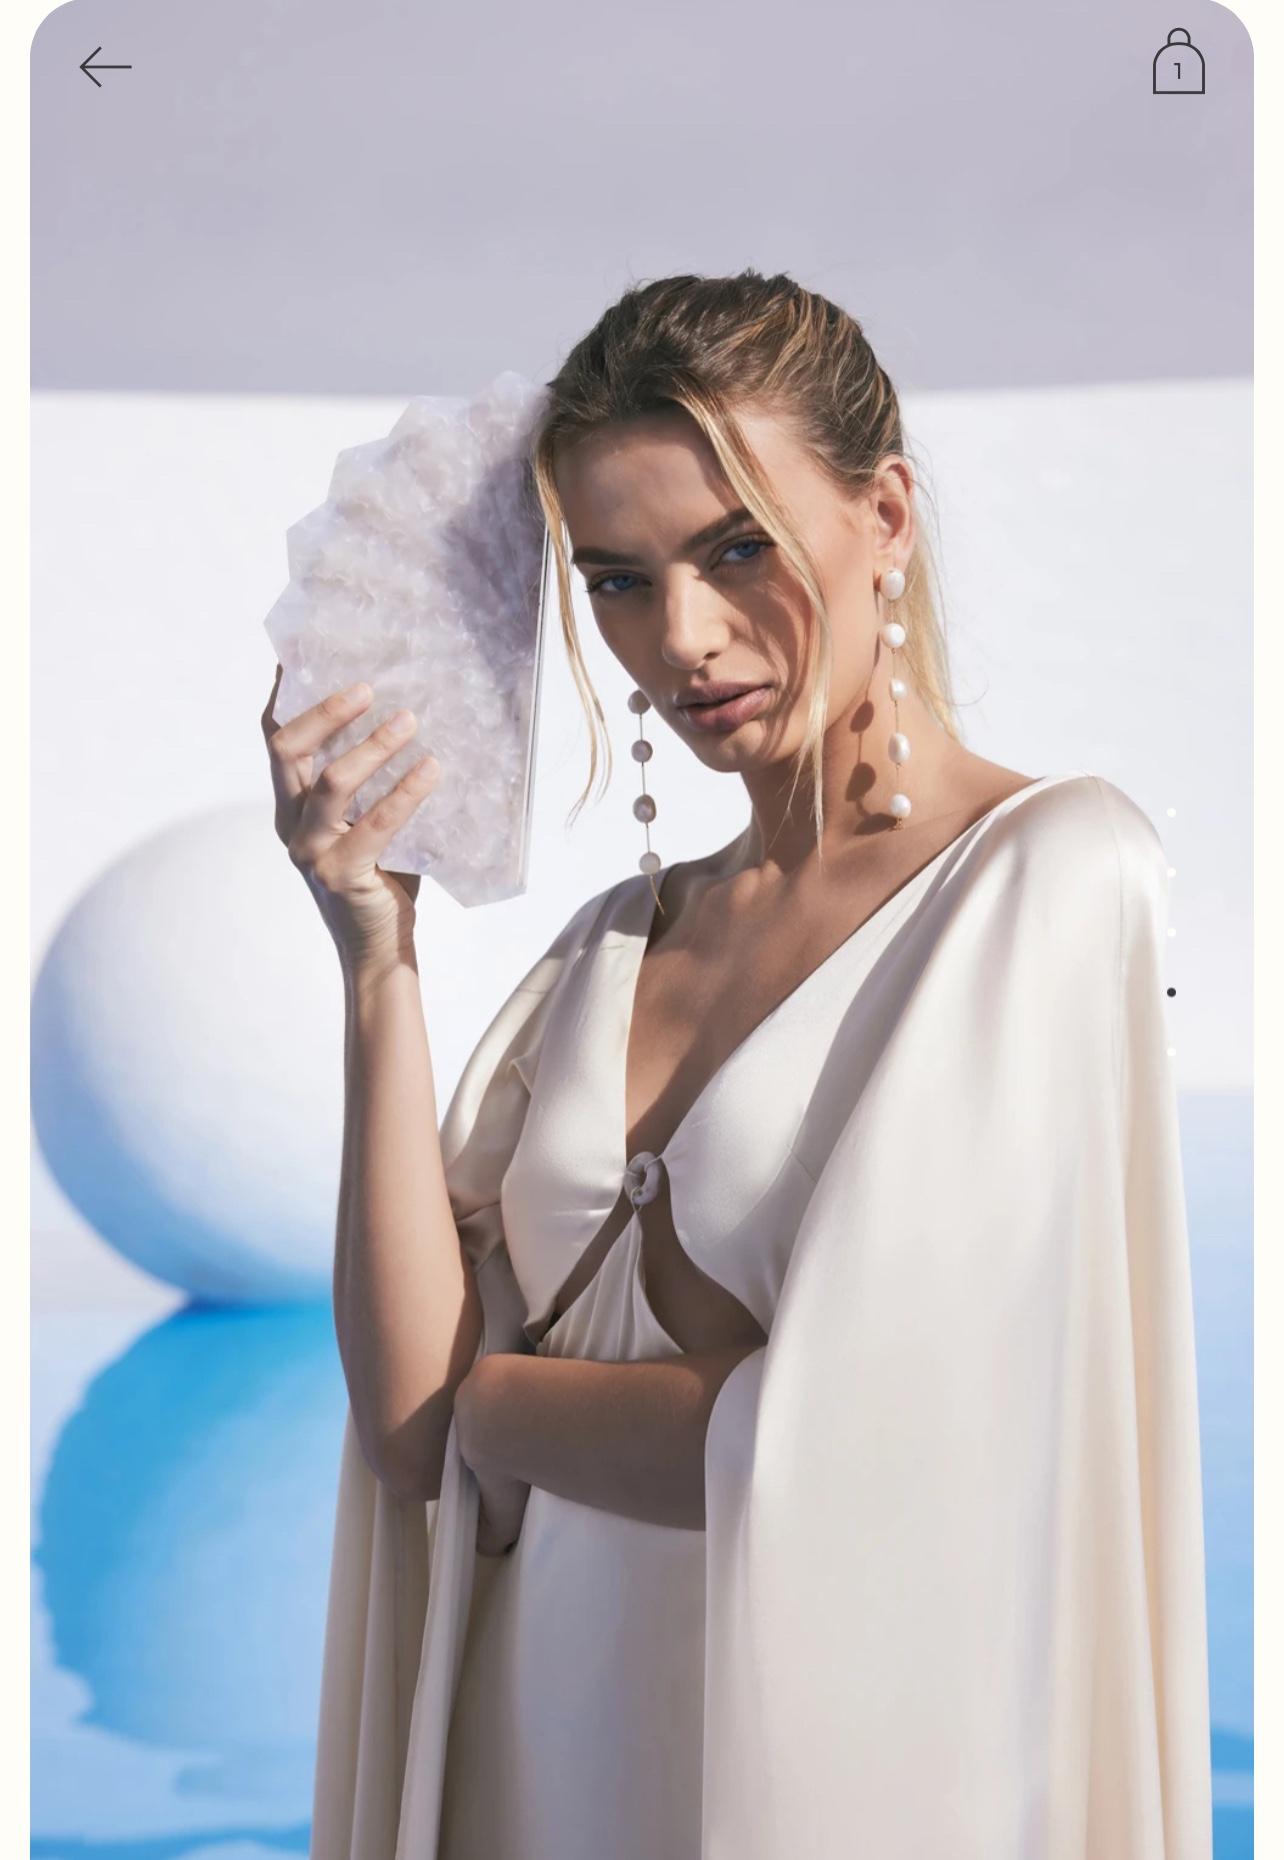 白色贝壳包 Cult Gaia Esme白色压克力贝壳状扇形轮廓女士手拿包 宴会包_推荐淘宝好看的白色贝壳包